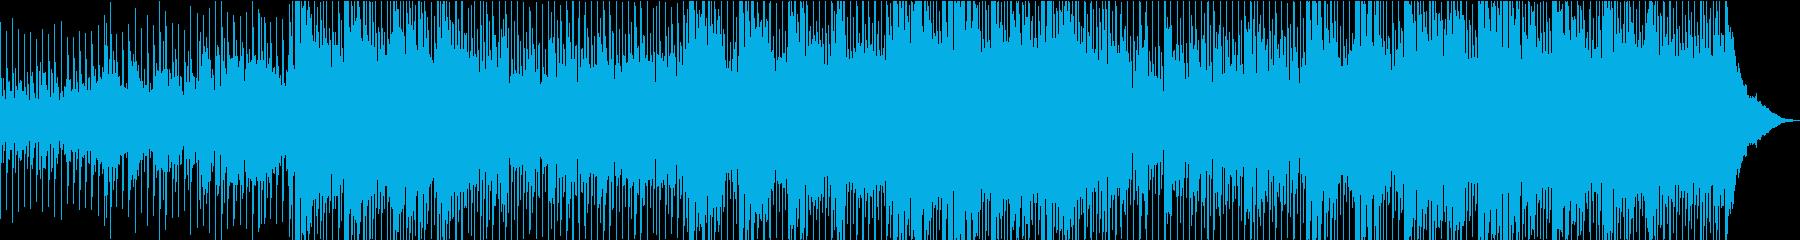 ハンク・ウィリアムズ3世の脈で乱暴...の再生済みの波形